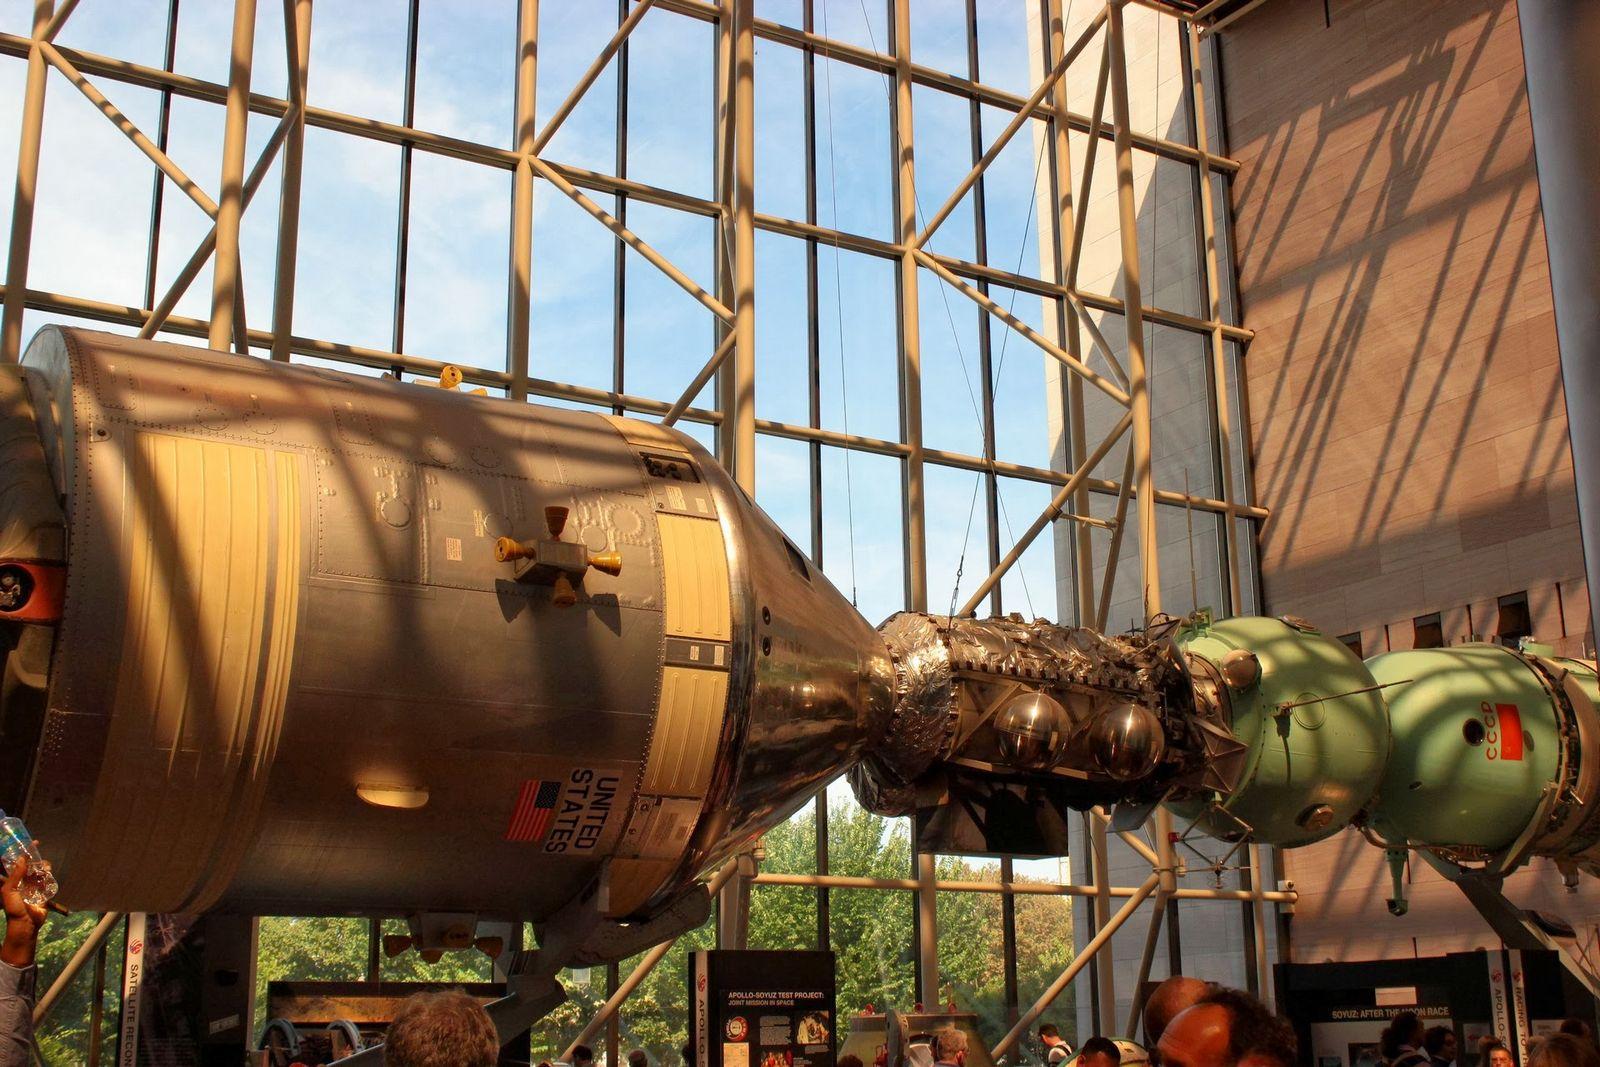 Acoplamiento entre el estadounidense Apollo y el soviético Soyuz